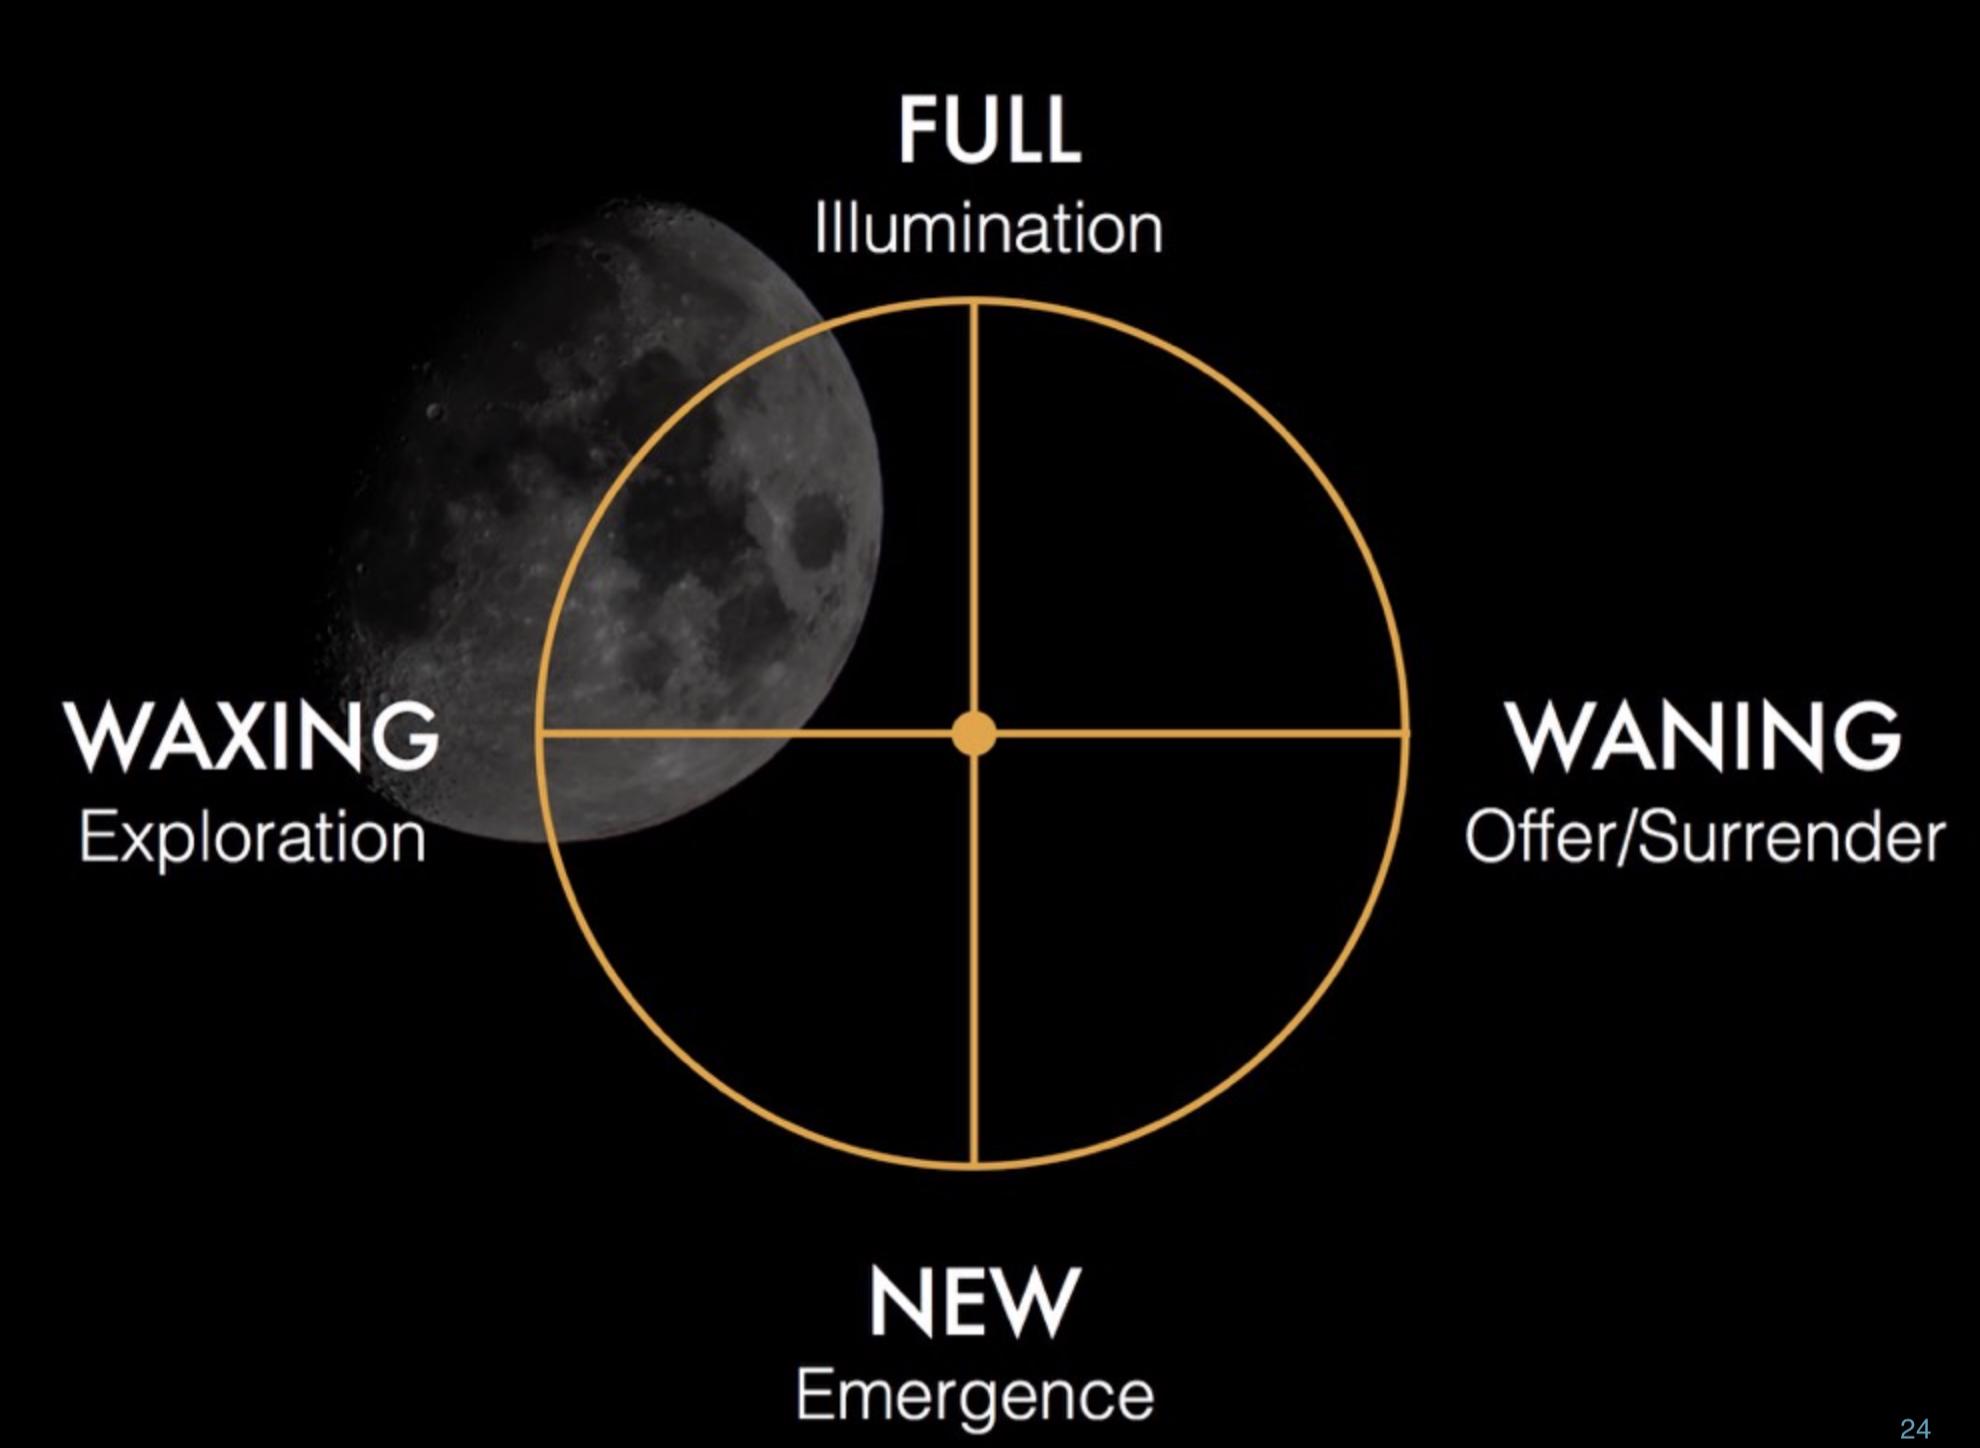 Bilden är lånad ifrån mitt utbildningsmaterial i The Quest- Practical Magic for Earth Leadership. Månens cykel kan brytas ner i fyra huvudfaser som du kan utforska i deras olika kvalitéer av energier.